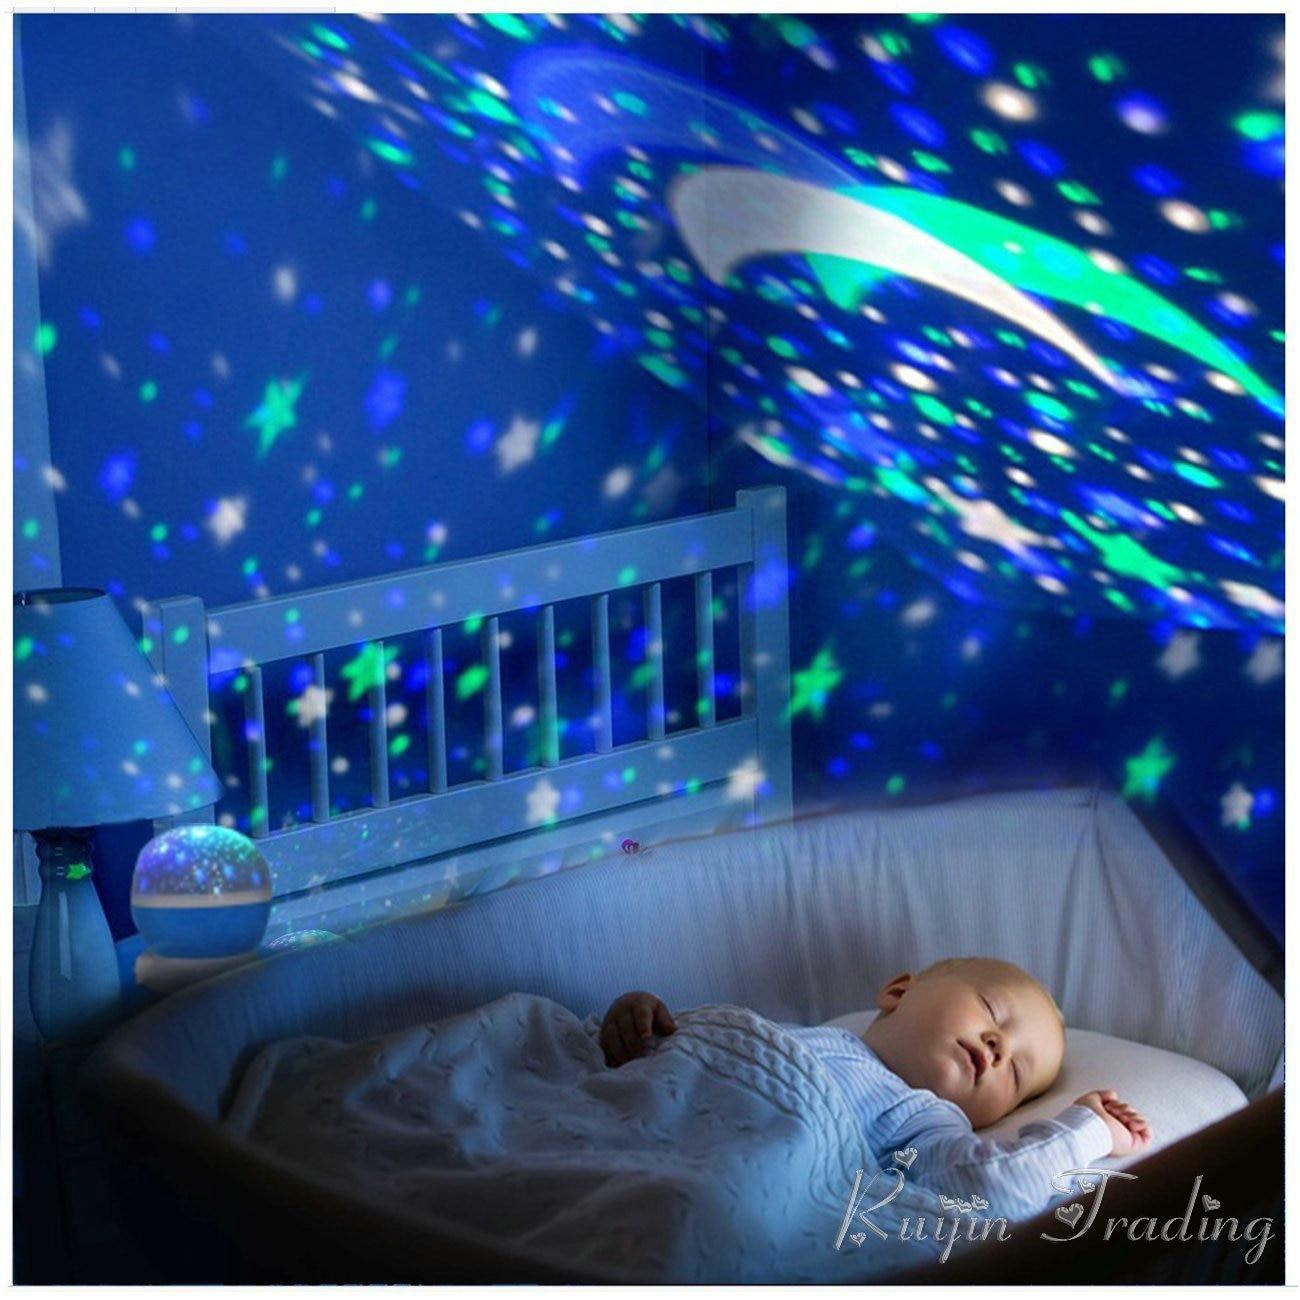 LED estrella proyector novedad iluminación rotación del cielo de la luna del cuarto de niños del bebé luz de la noche con pilas lámpara de emergencia